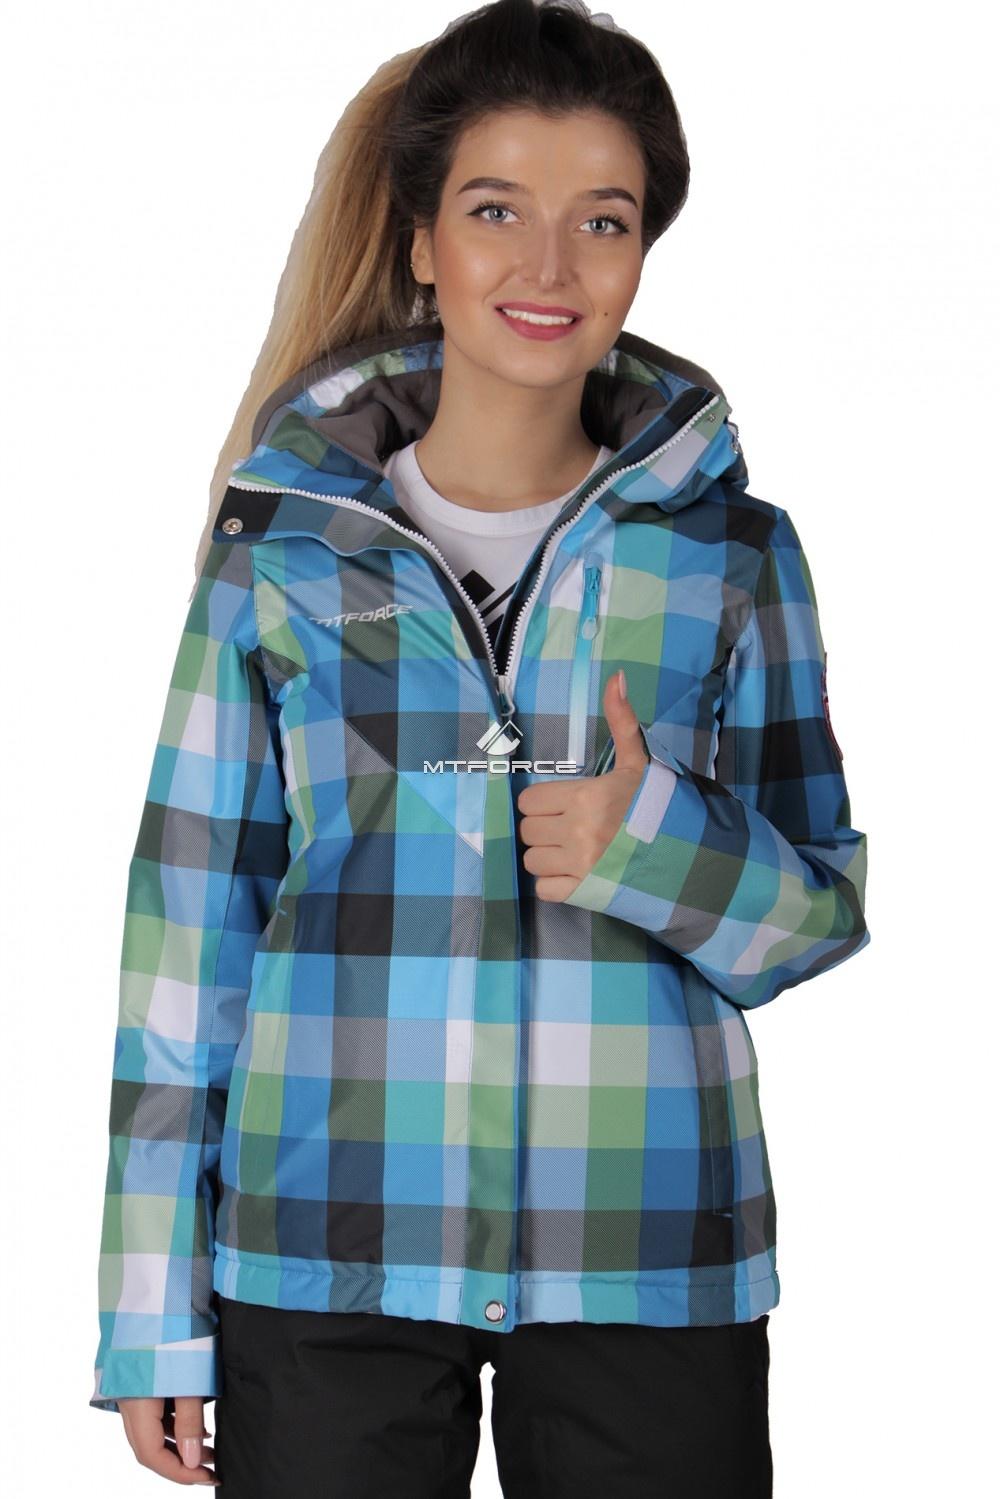 Купить оптом Костюм женский осень весна голубого цвета 017211Gl в Челябинске